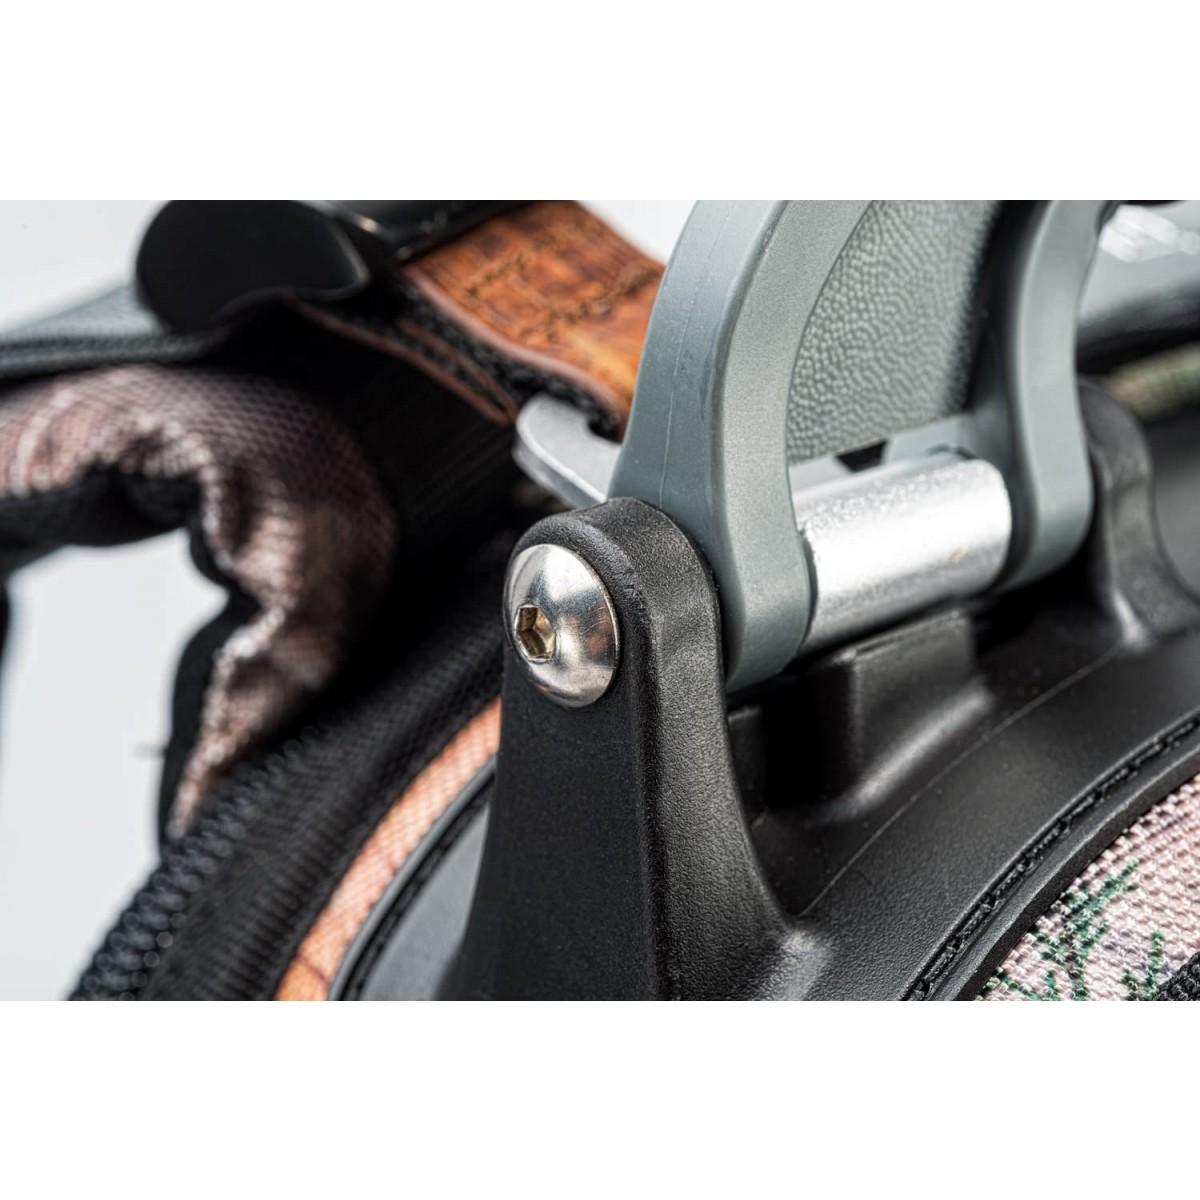 Veto Pro Pac VPP-TECHPAC-CAMO TECH-PAC CAMO Backpack